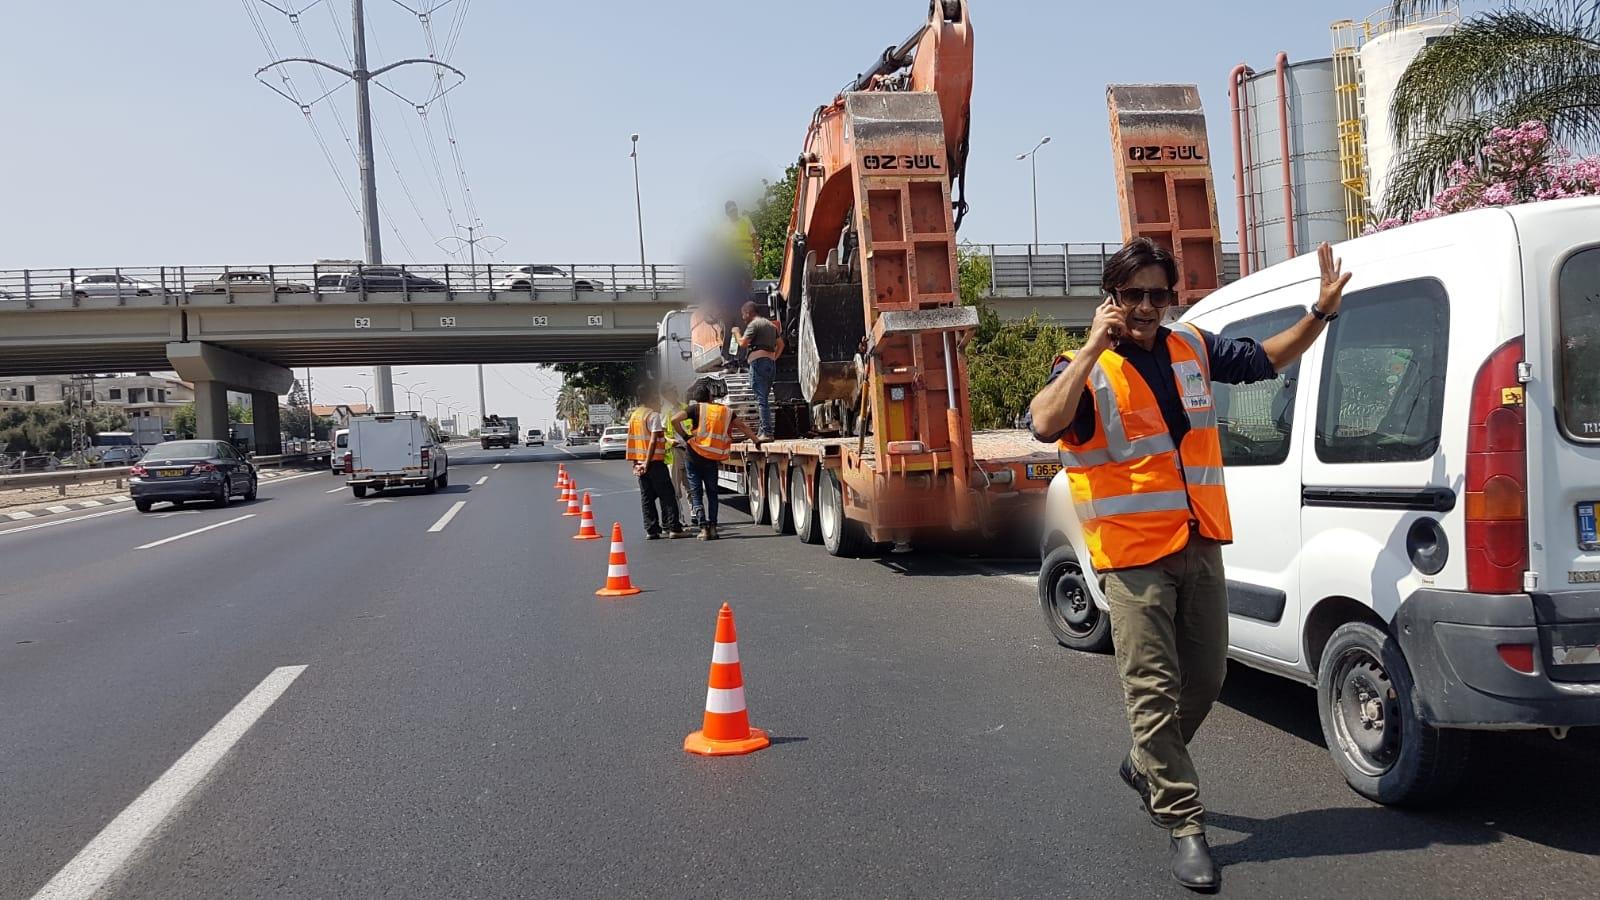 Photo of פעמיים באותו שבוע: שוב משאית פגעה בגשר בר אילן להולכי הרגל. התנועה במקום נחסמה